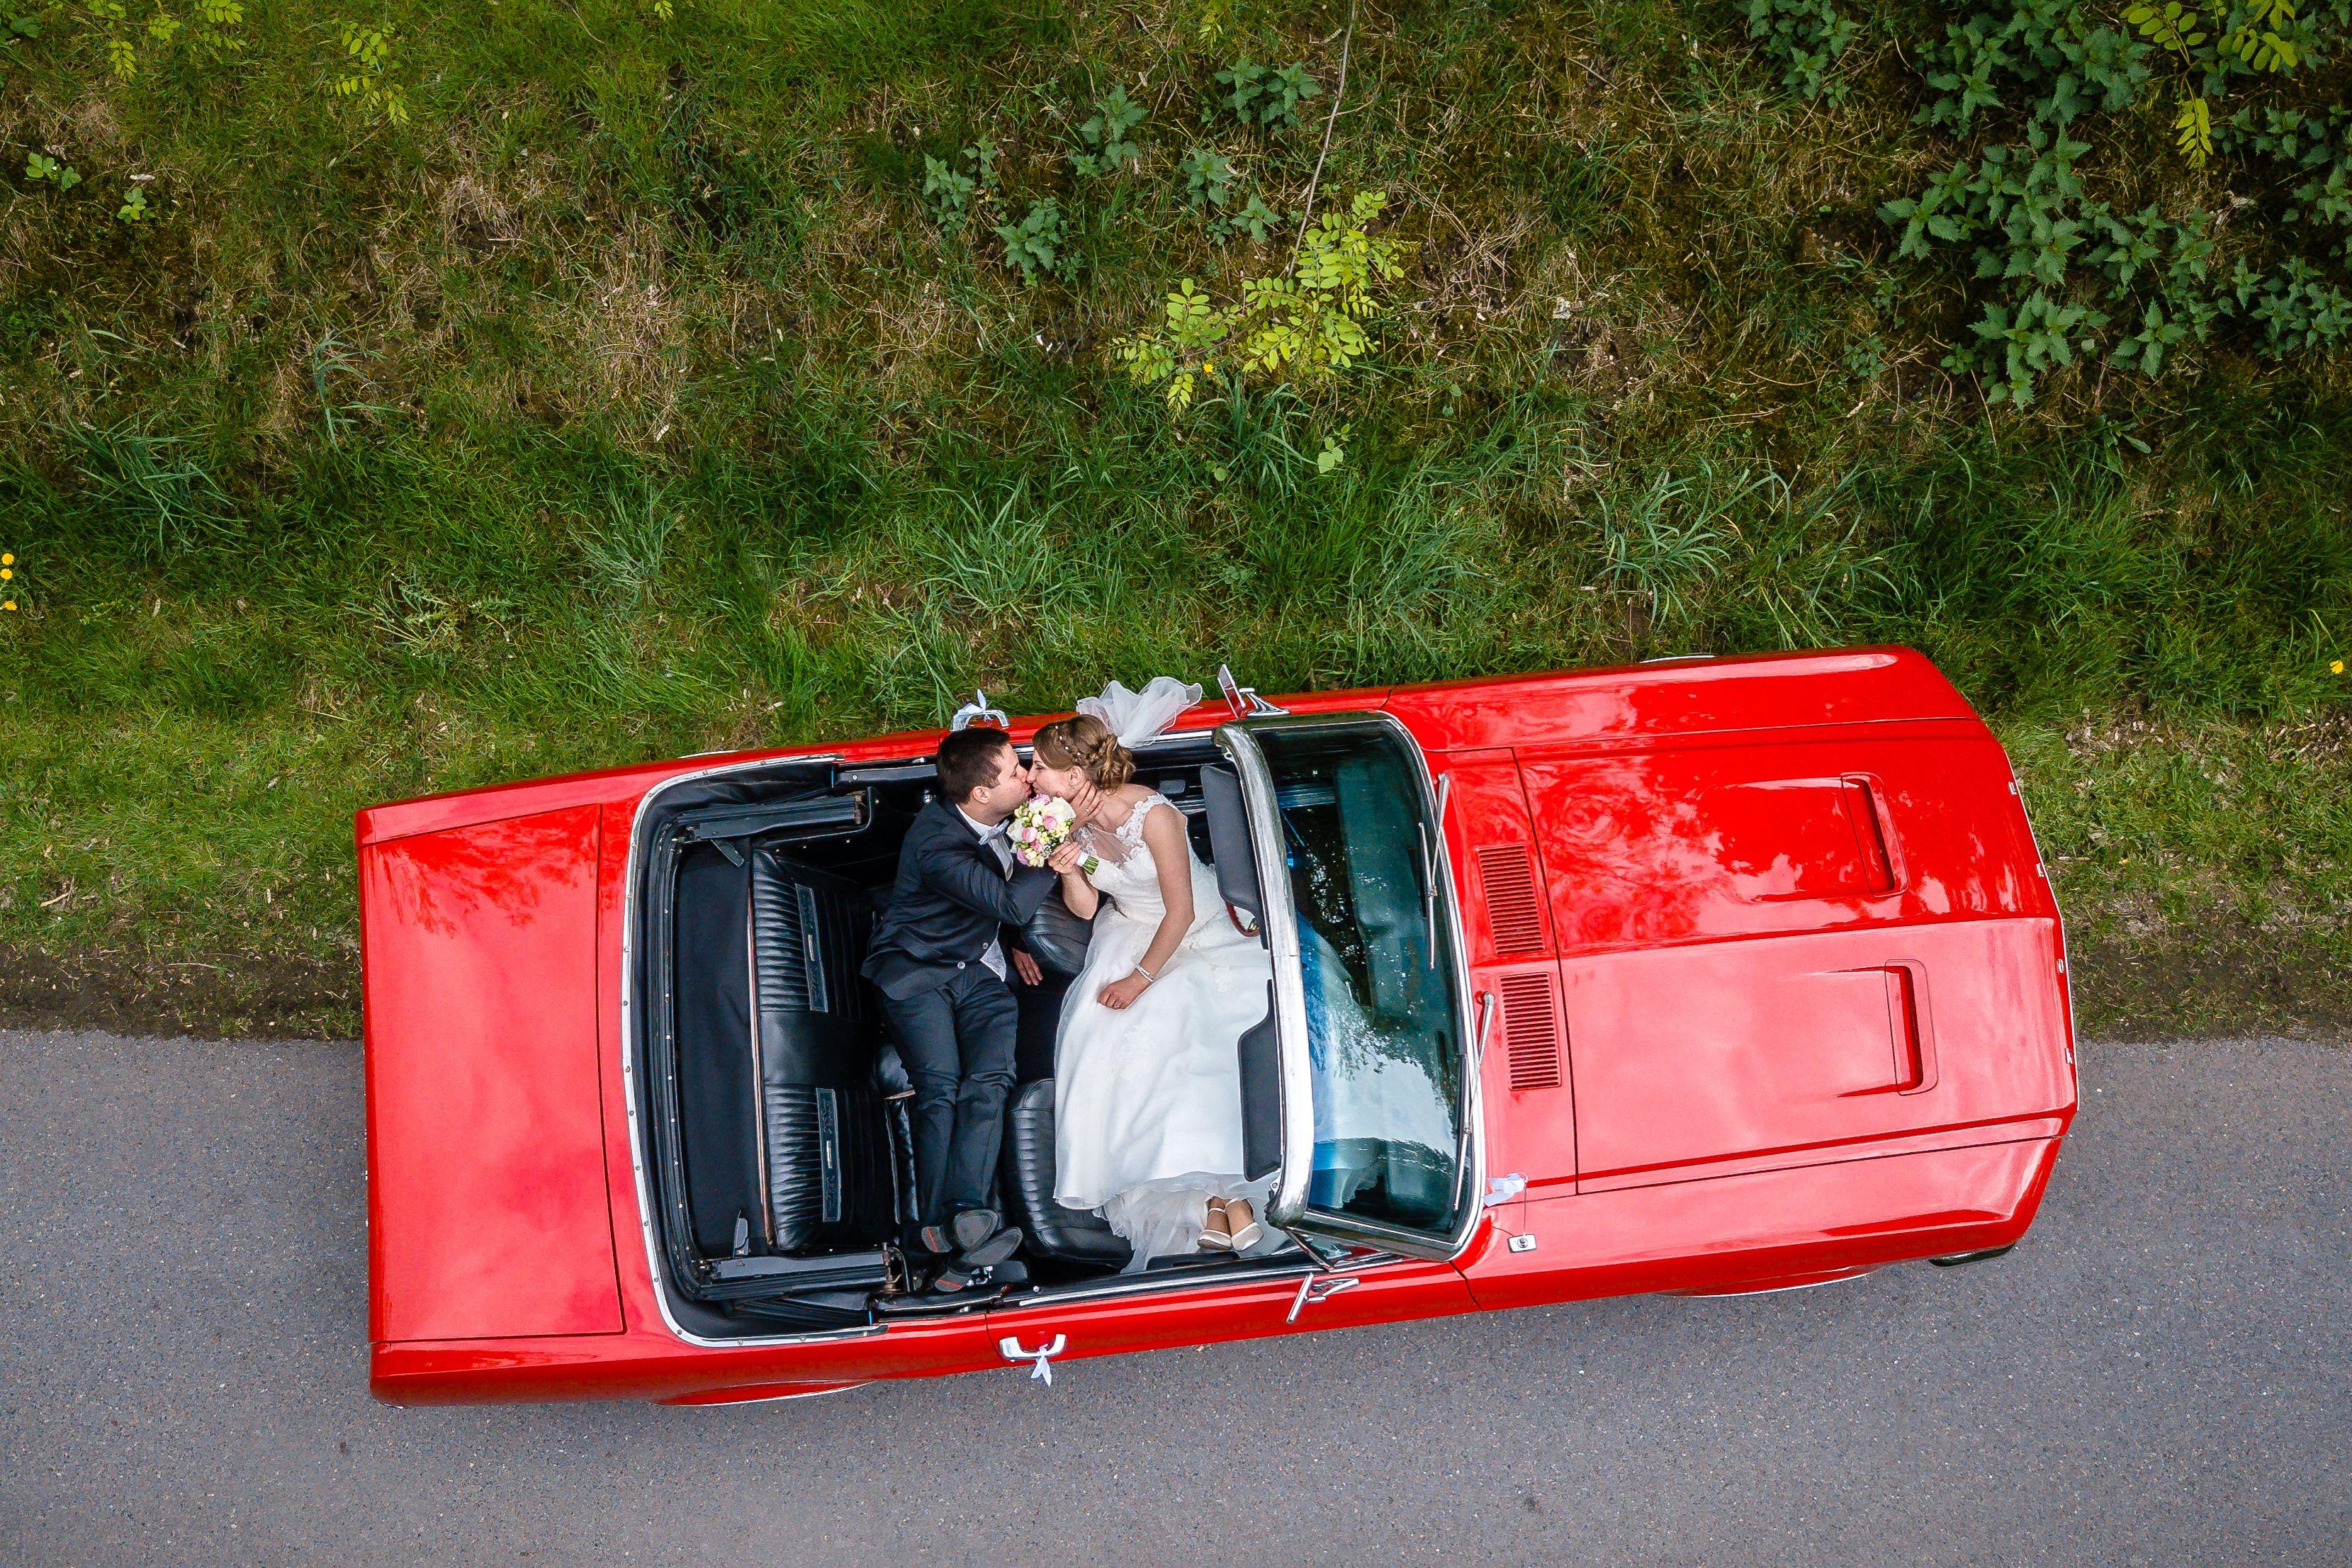 Hochzeitsfotos Von Reinhardt Sommer Hochzeitsfotografen Seit 2009 Aus Der Luft Drohne Hochzeitsfotos Fotograf Hochzeit Fotos